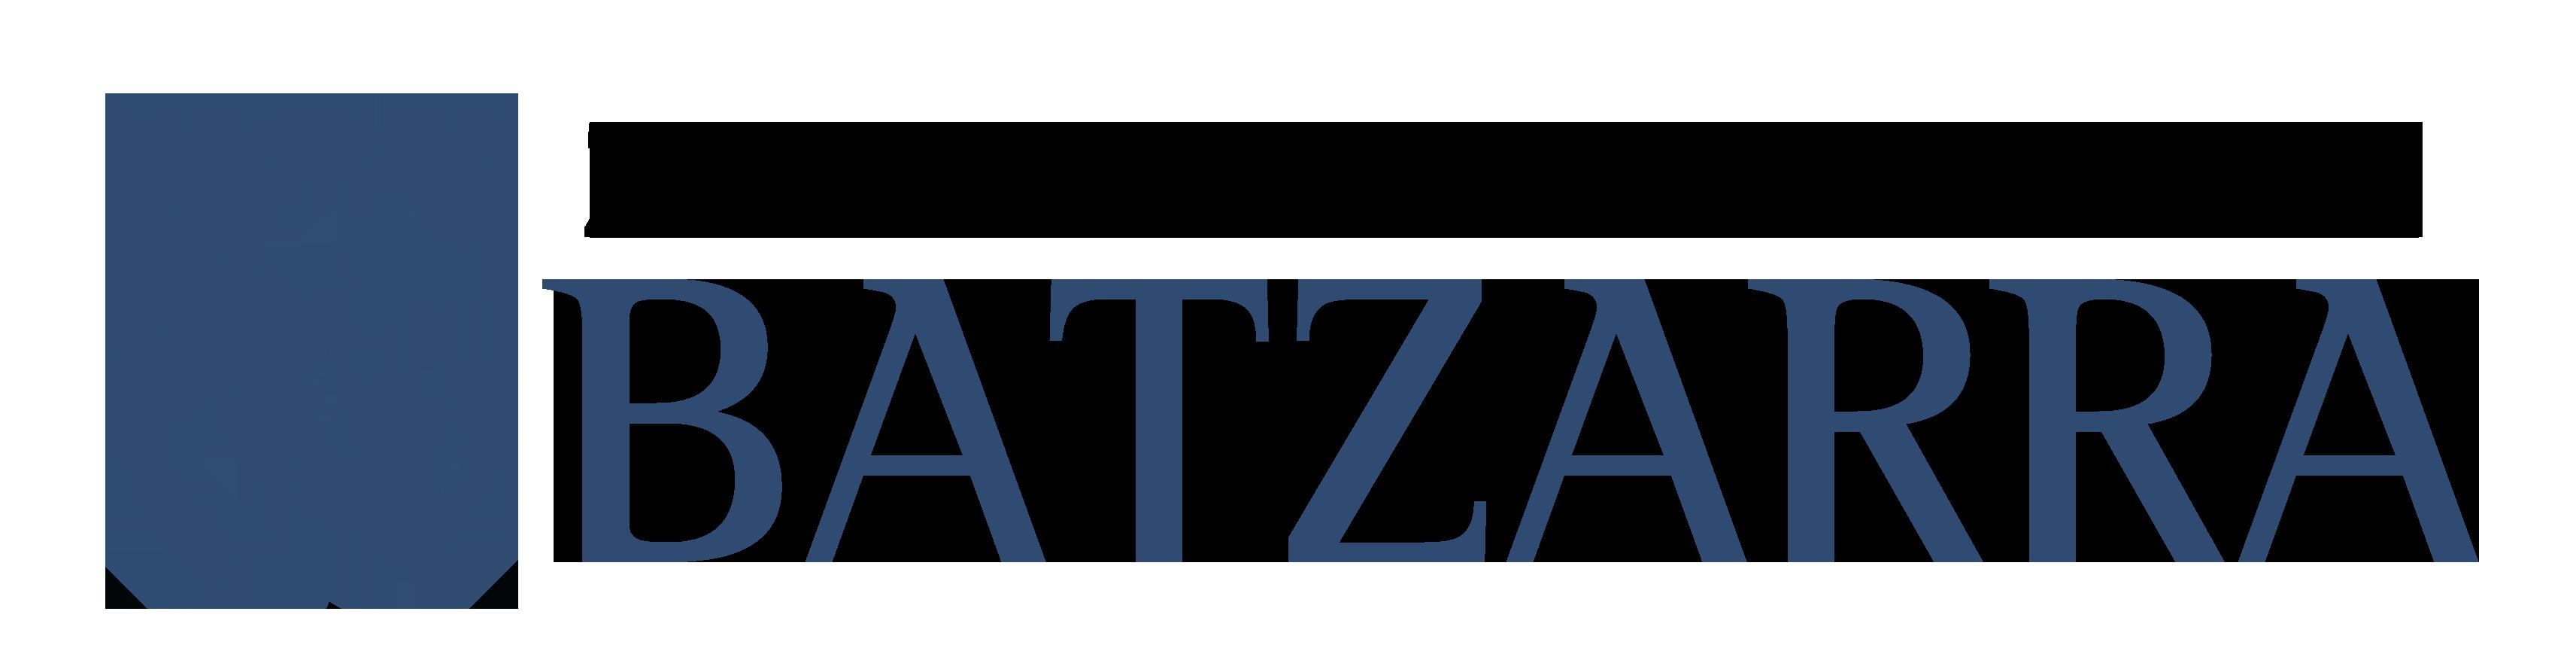 UDAL HERRI BATZARRA